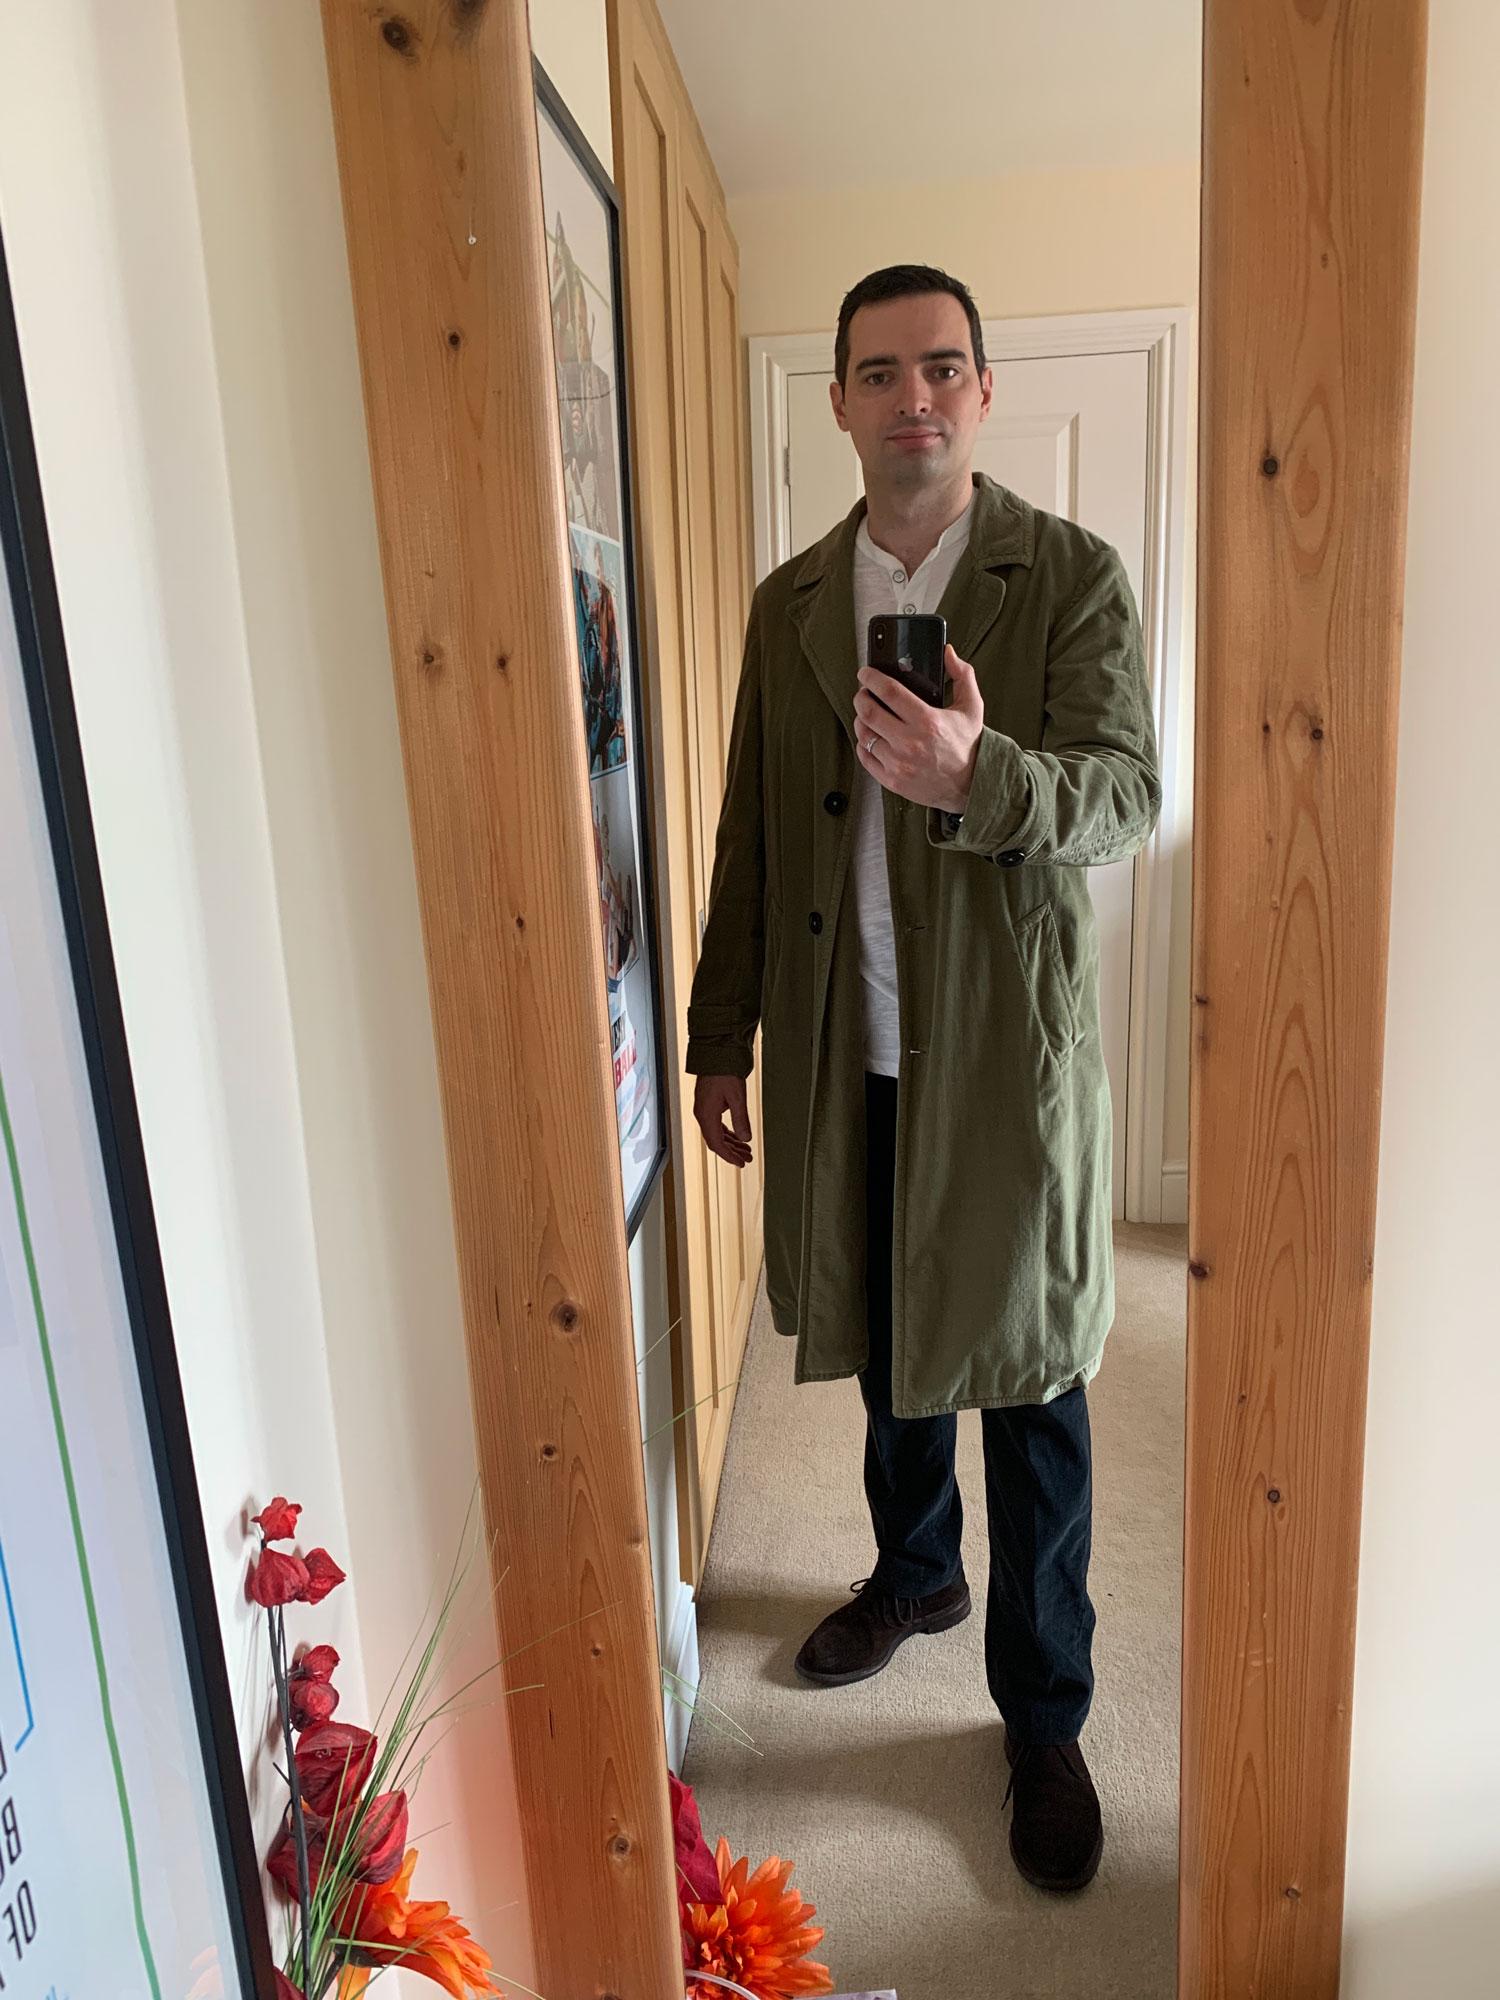 Duster Coat mirror selfie